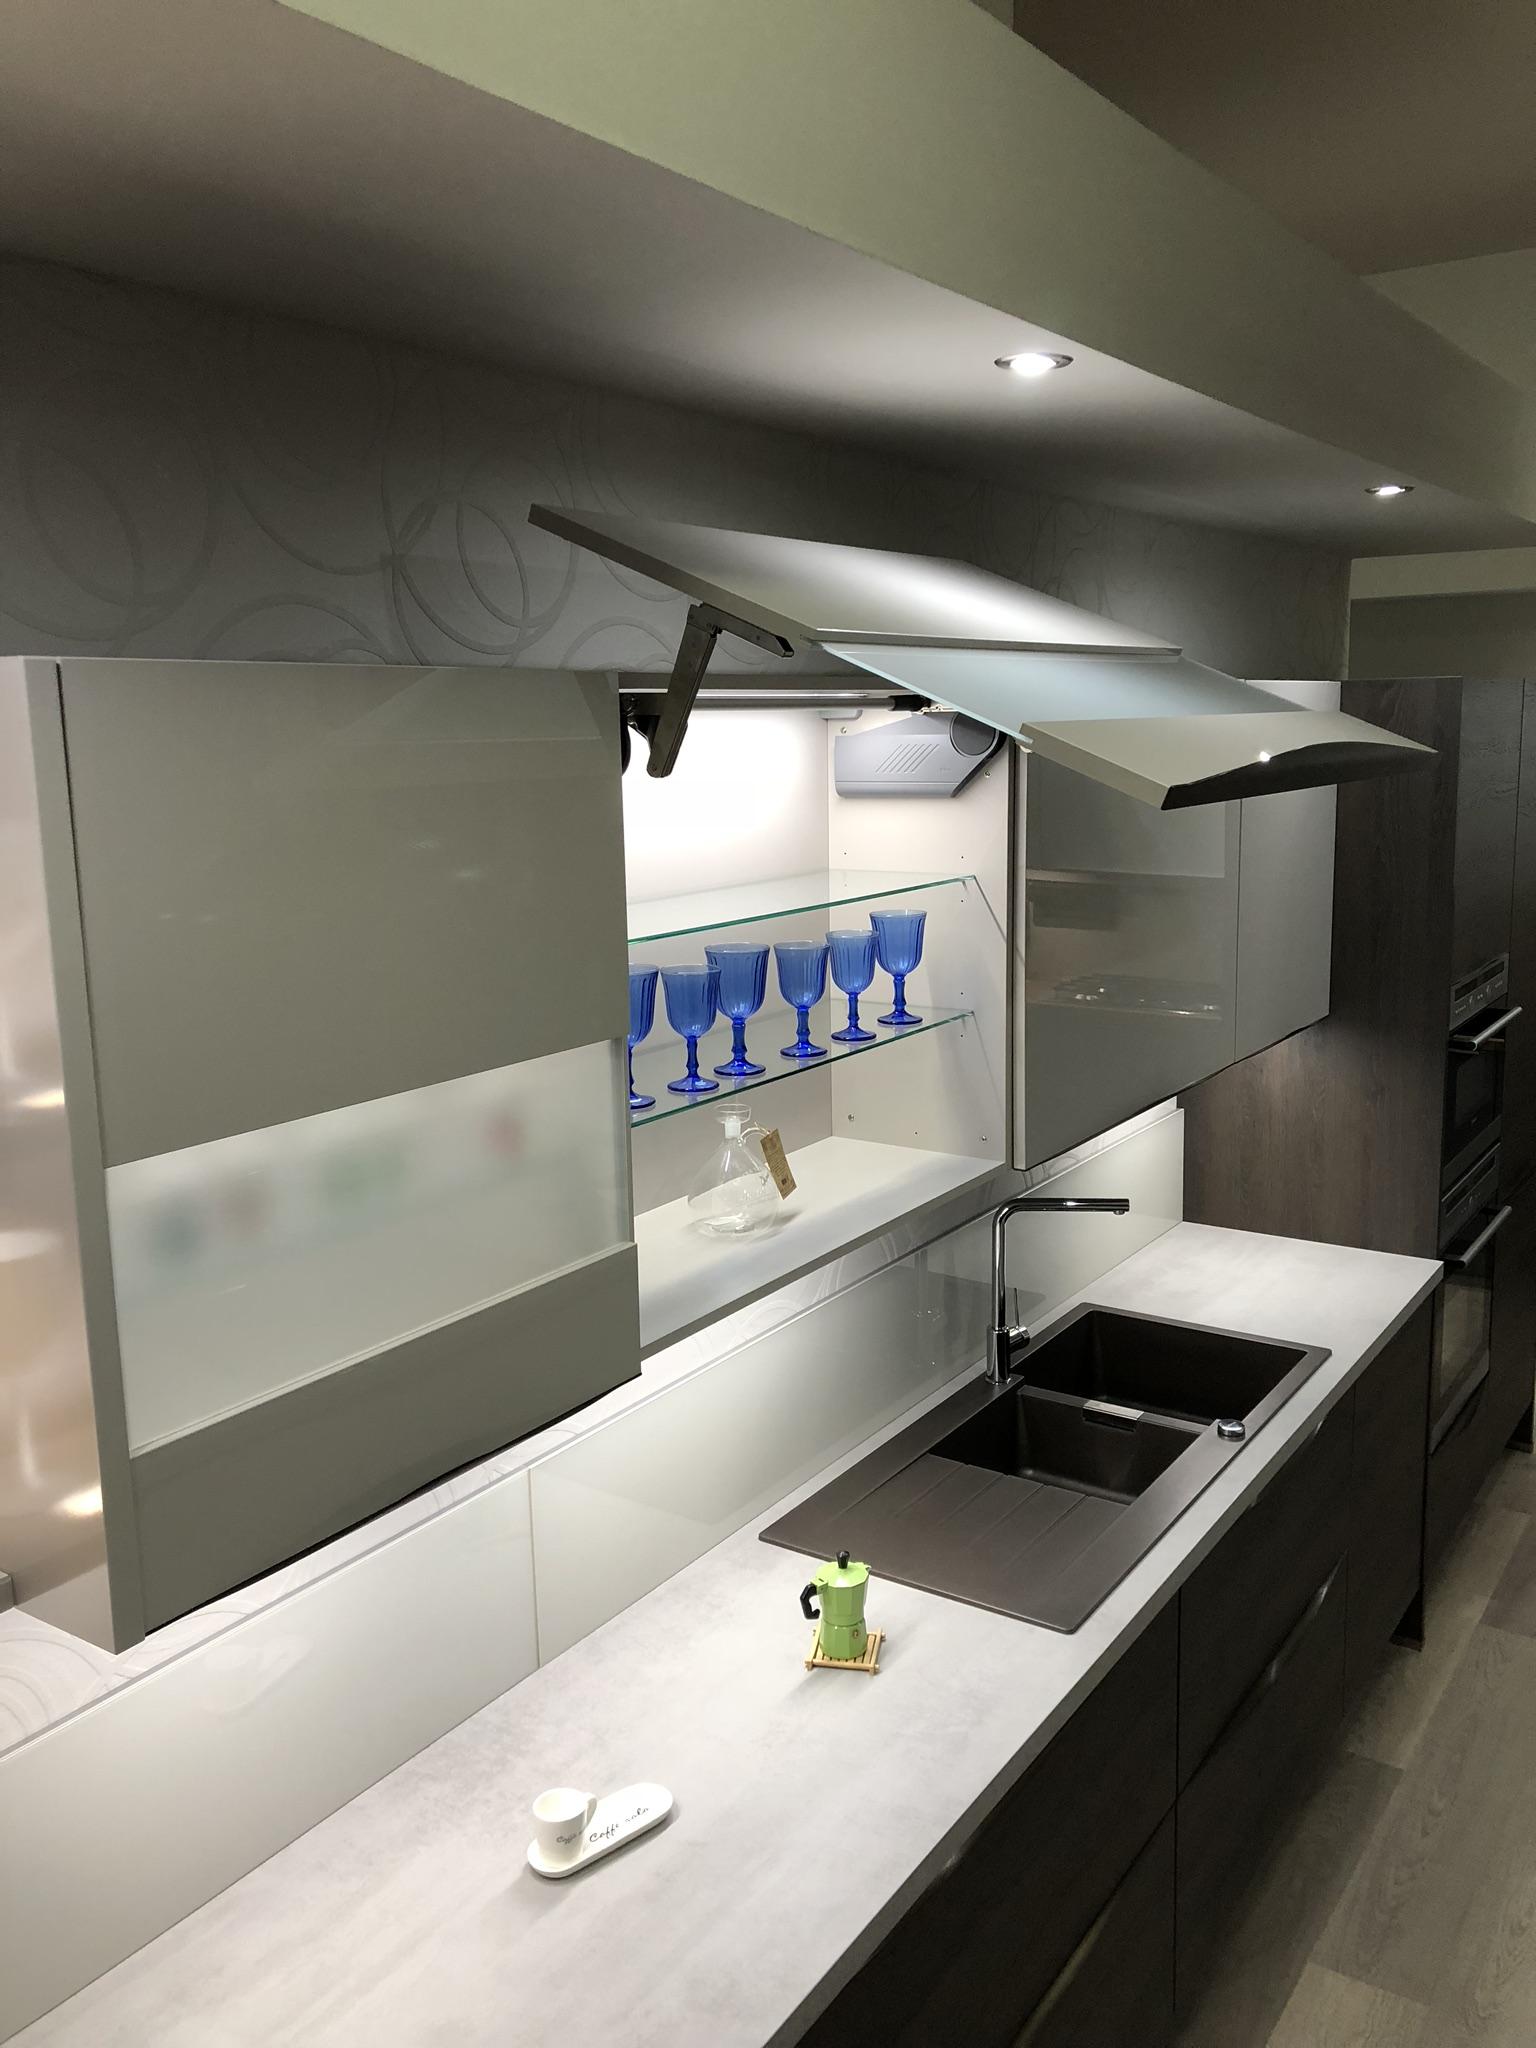 Mobili Cucina Senza Ante come pensi di aprire le ante della tua nuova cucina?   helle